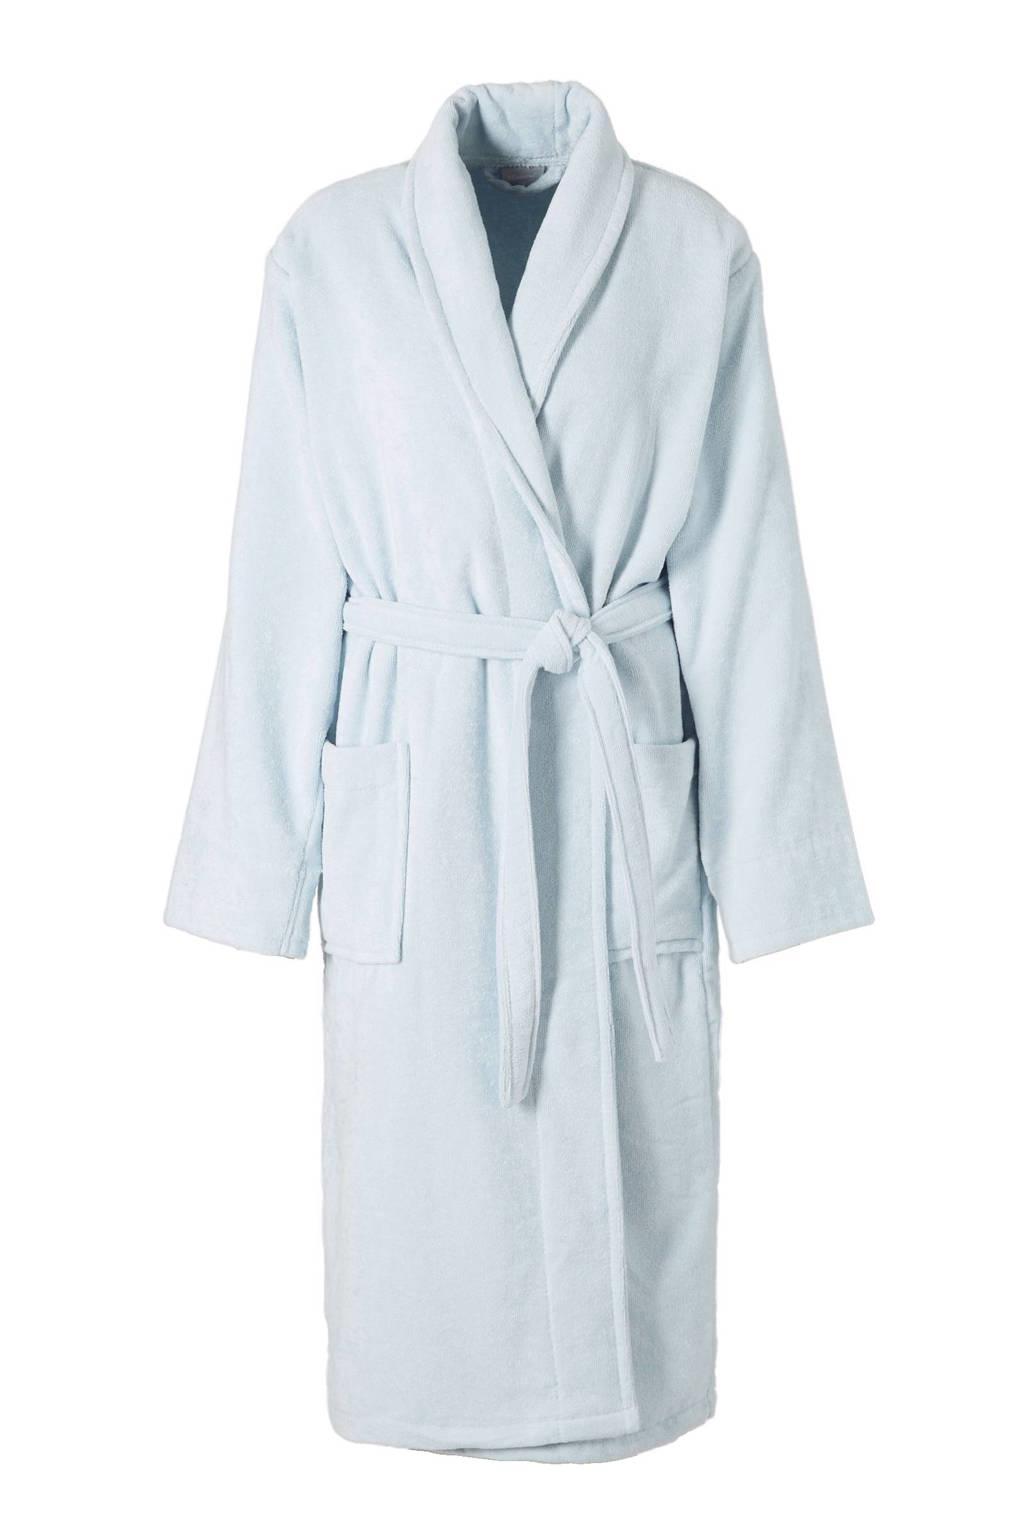 Seahorse badstof badjas lichtblauw, Lichtblauw